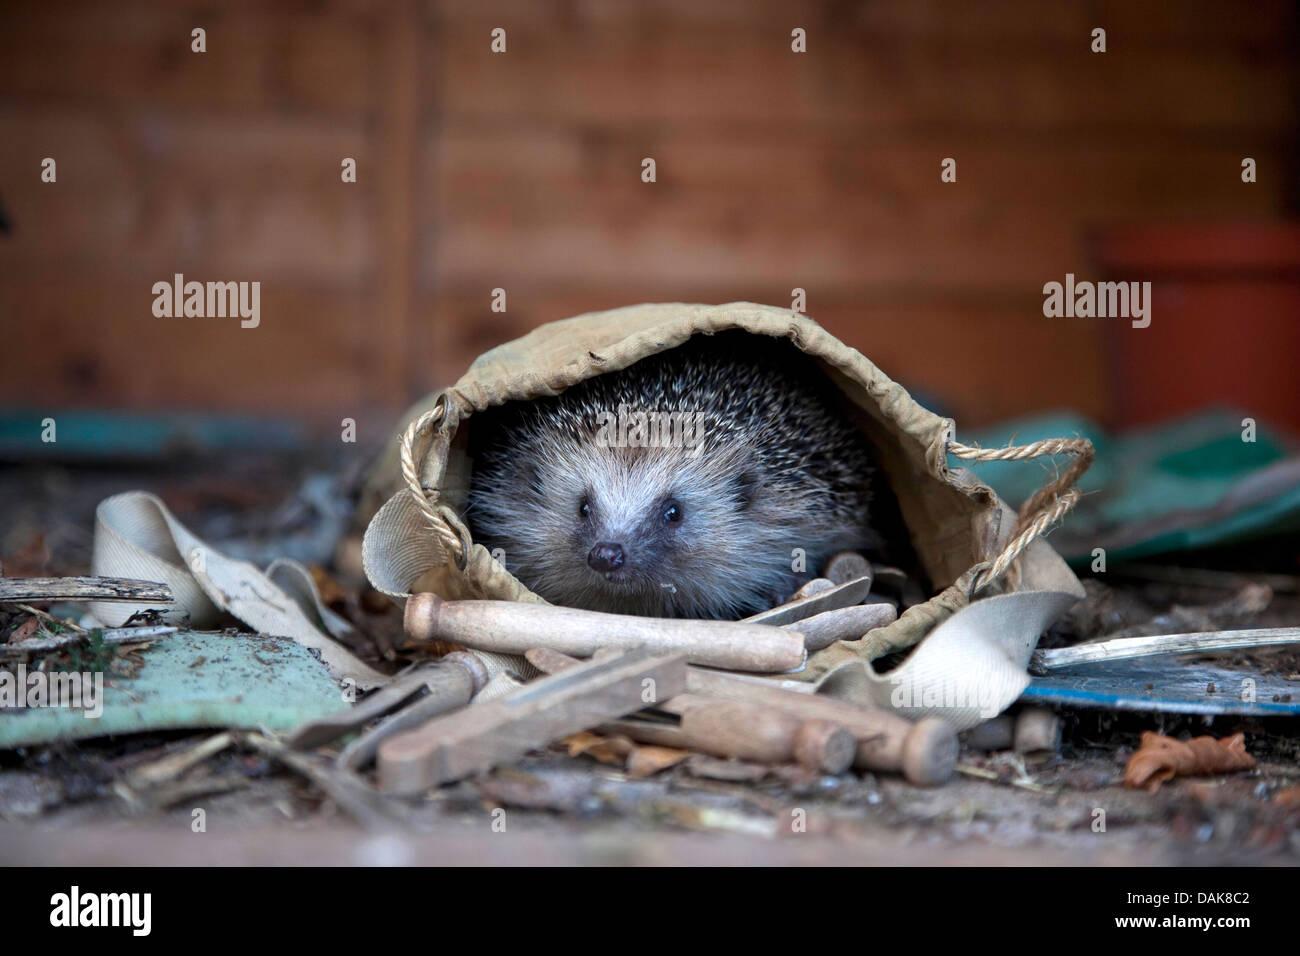 European hedgehog in garden - Stock Image